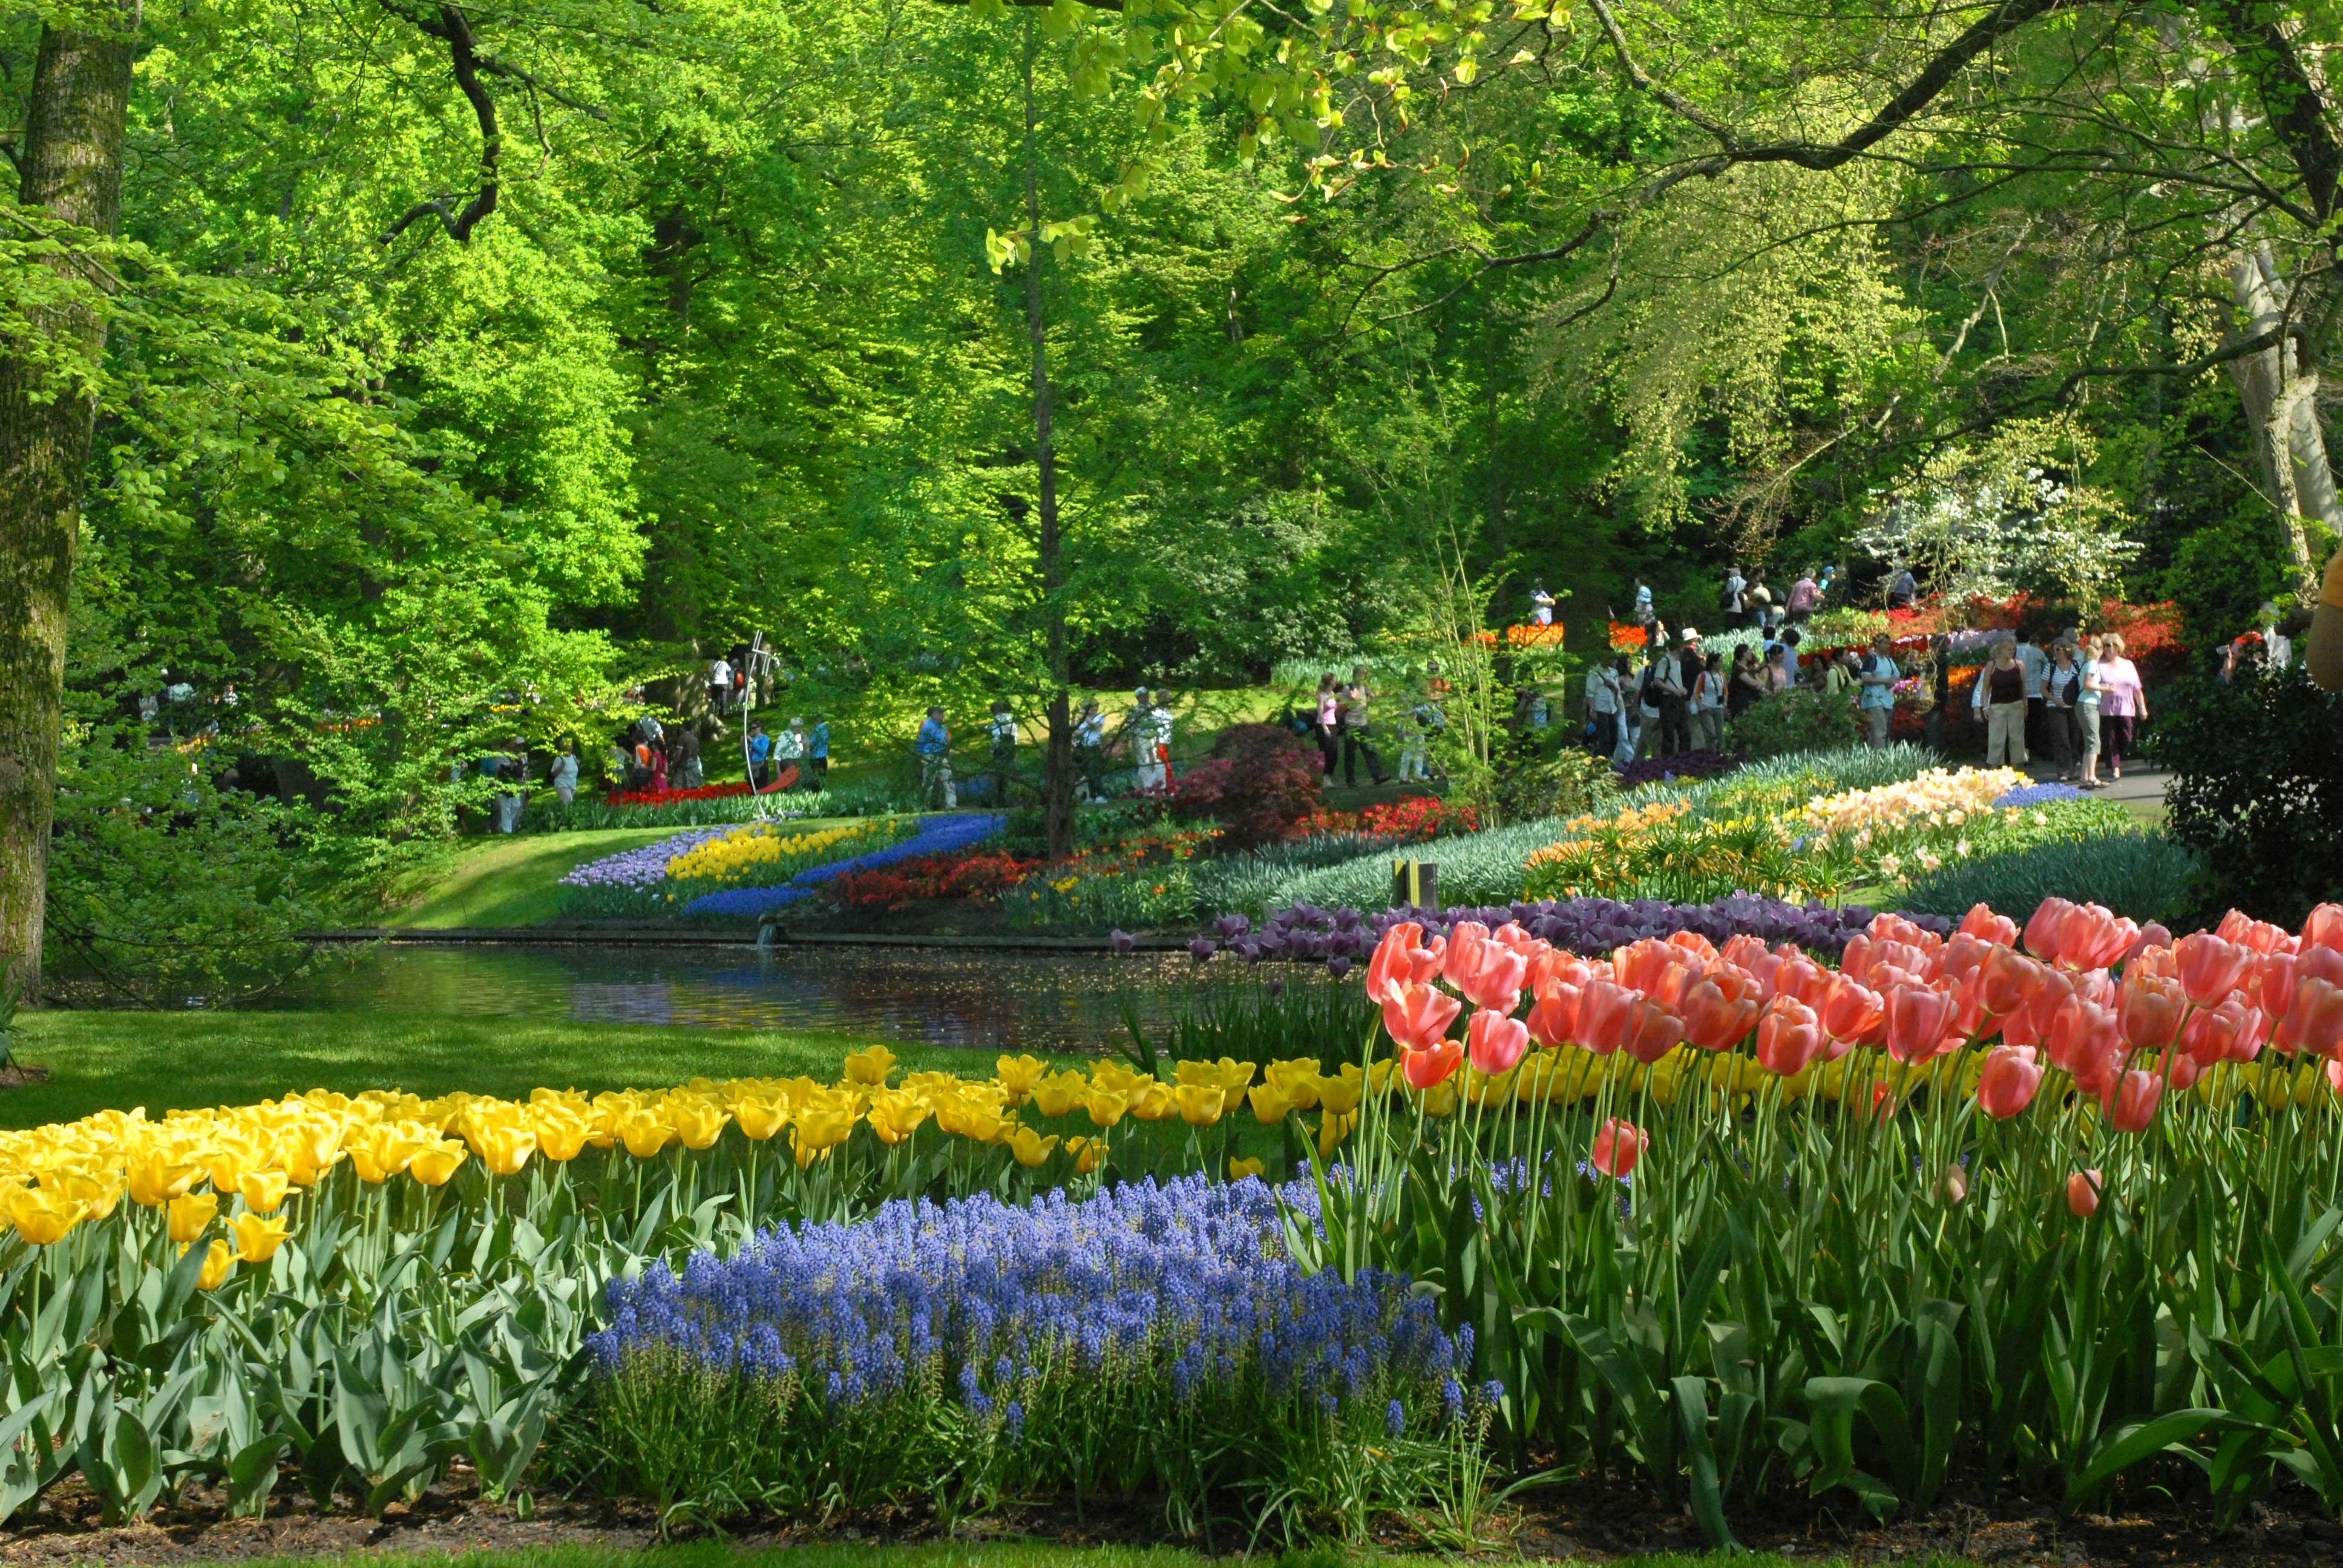 Los jardines de keukenhof pa ses bajos blog de viajes for Jardin keukenhof 2015